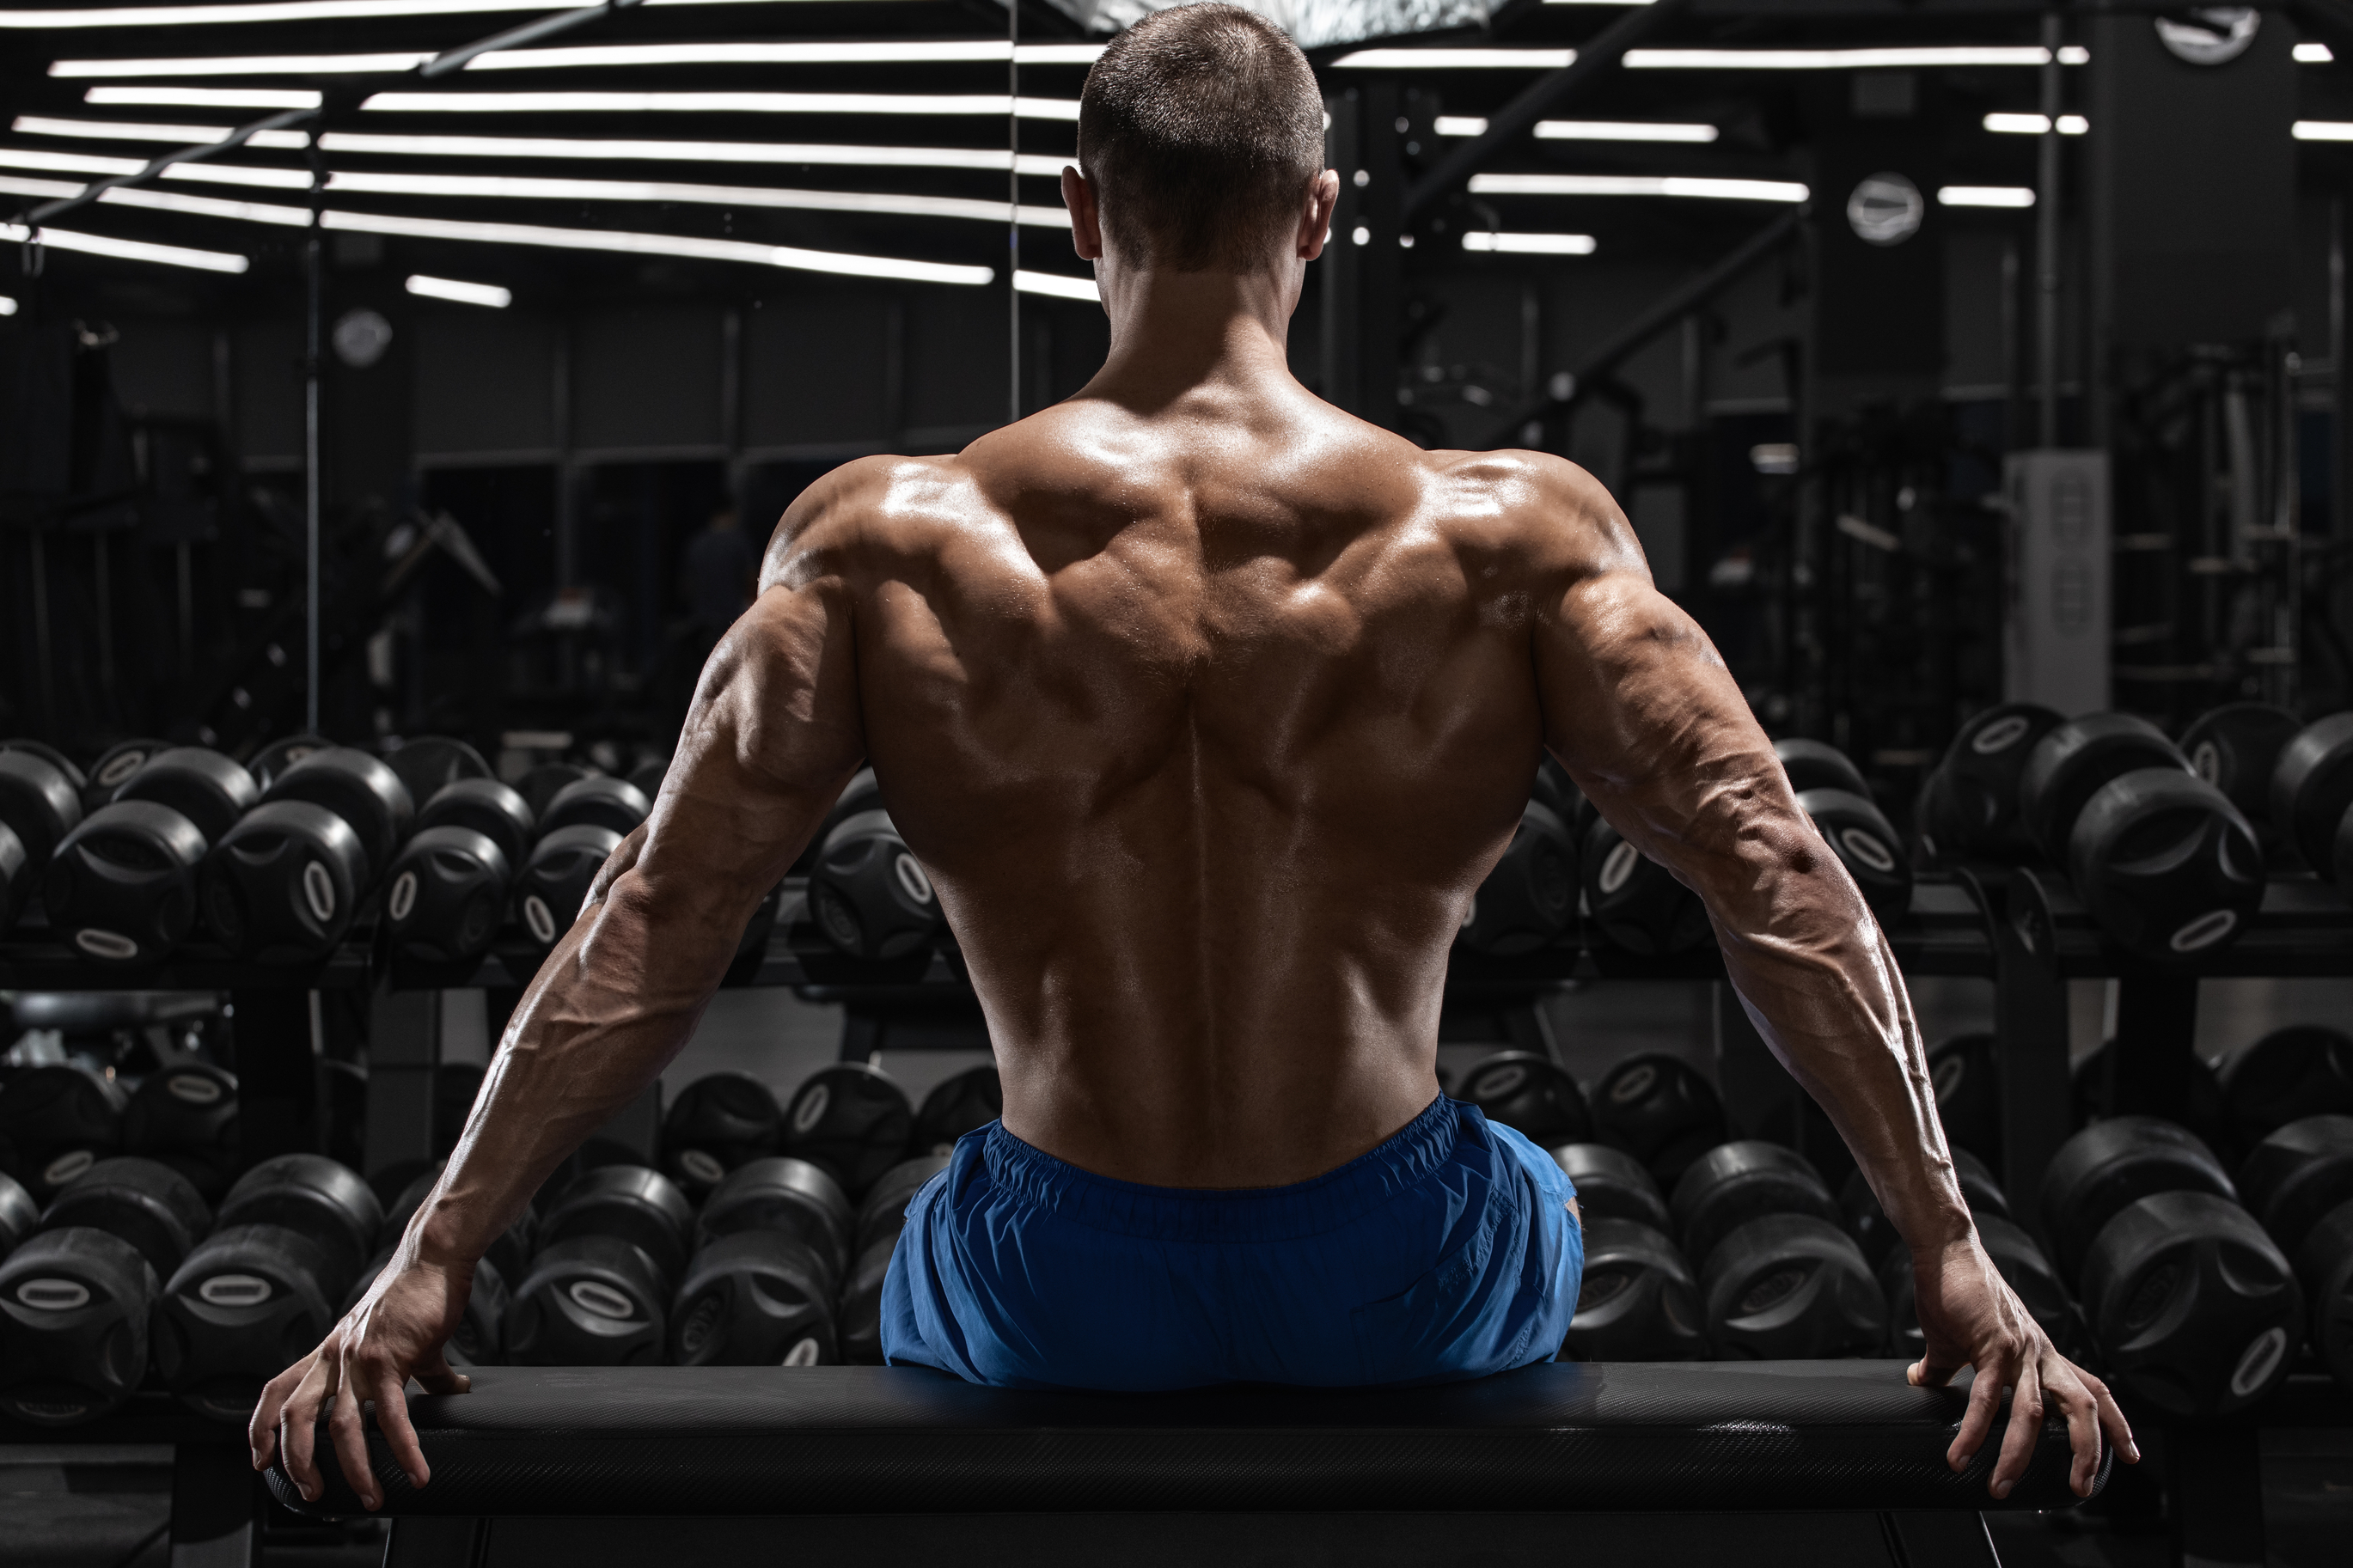 Testosterona. Músculos de super-homem. Vale a pena o risco?